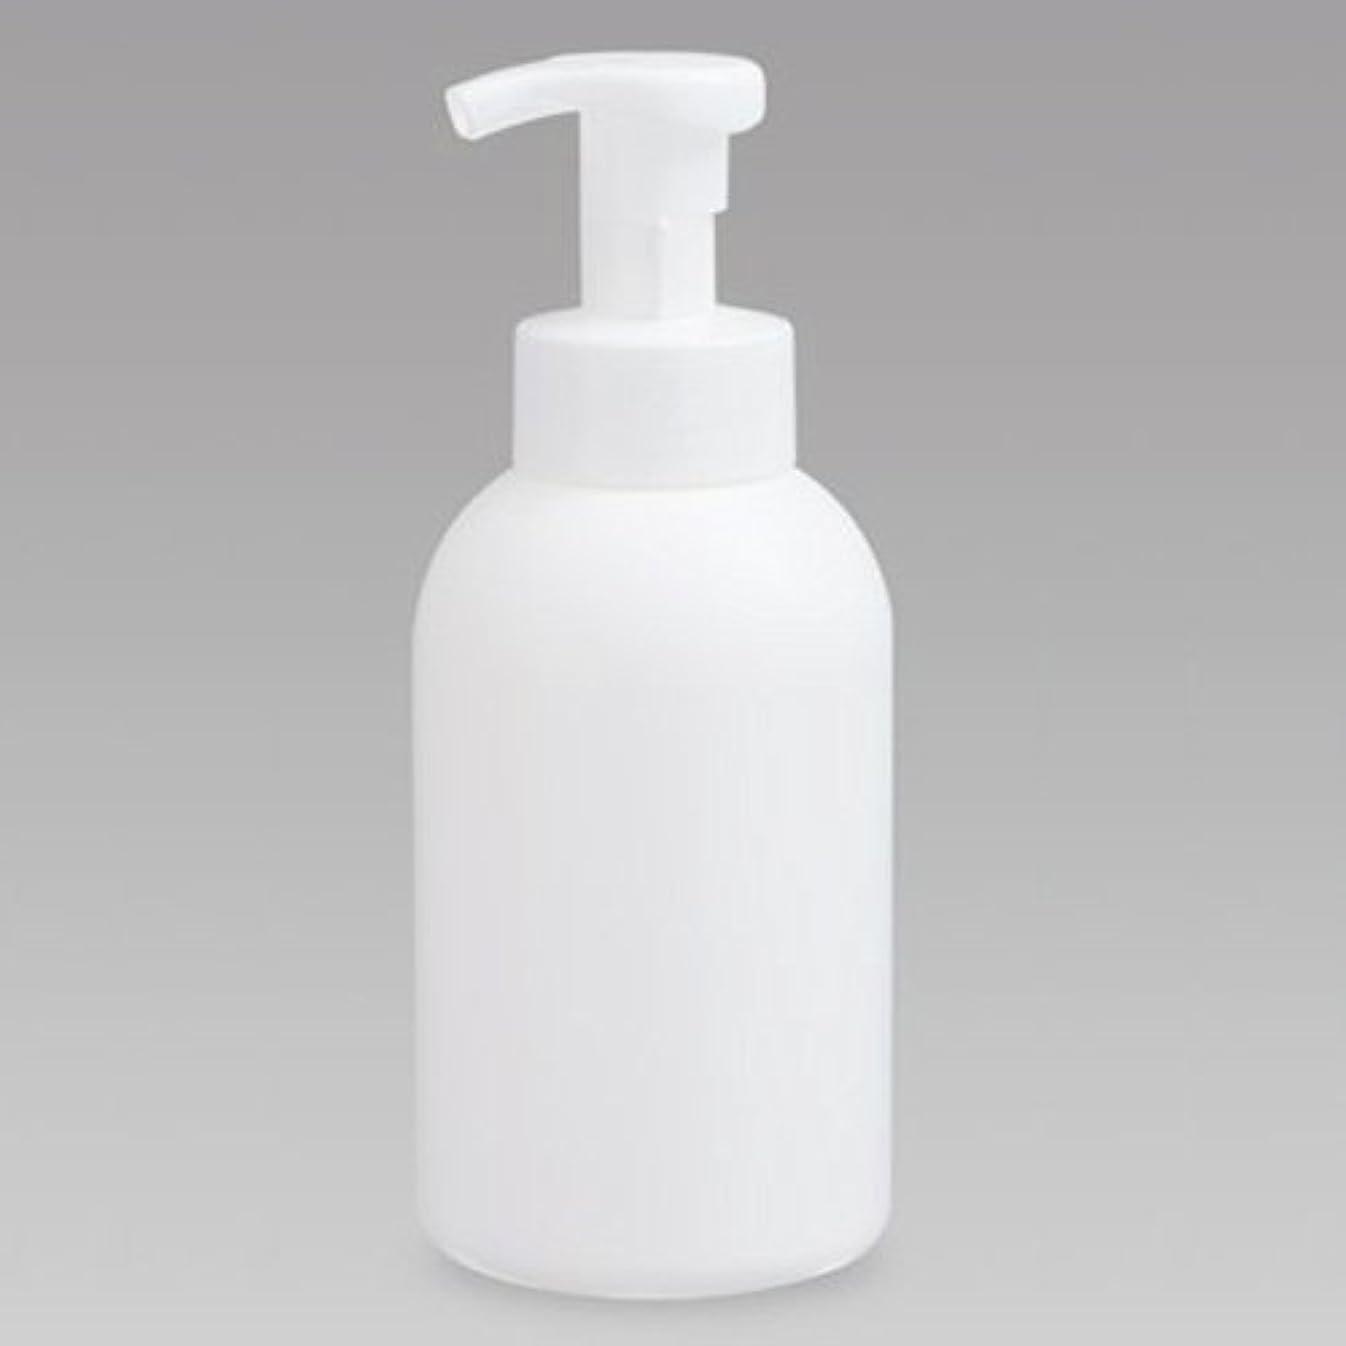 音節組振り返る泡ボトル 泡ポンプボトル 500mL(PE) ホワイト 詰め替え 詰替 泡ハンドソープ 全身石鹸 ボディソープ 洗顔フォーム